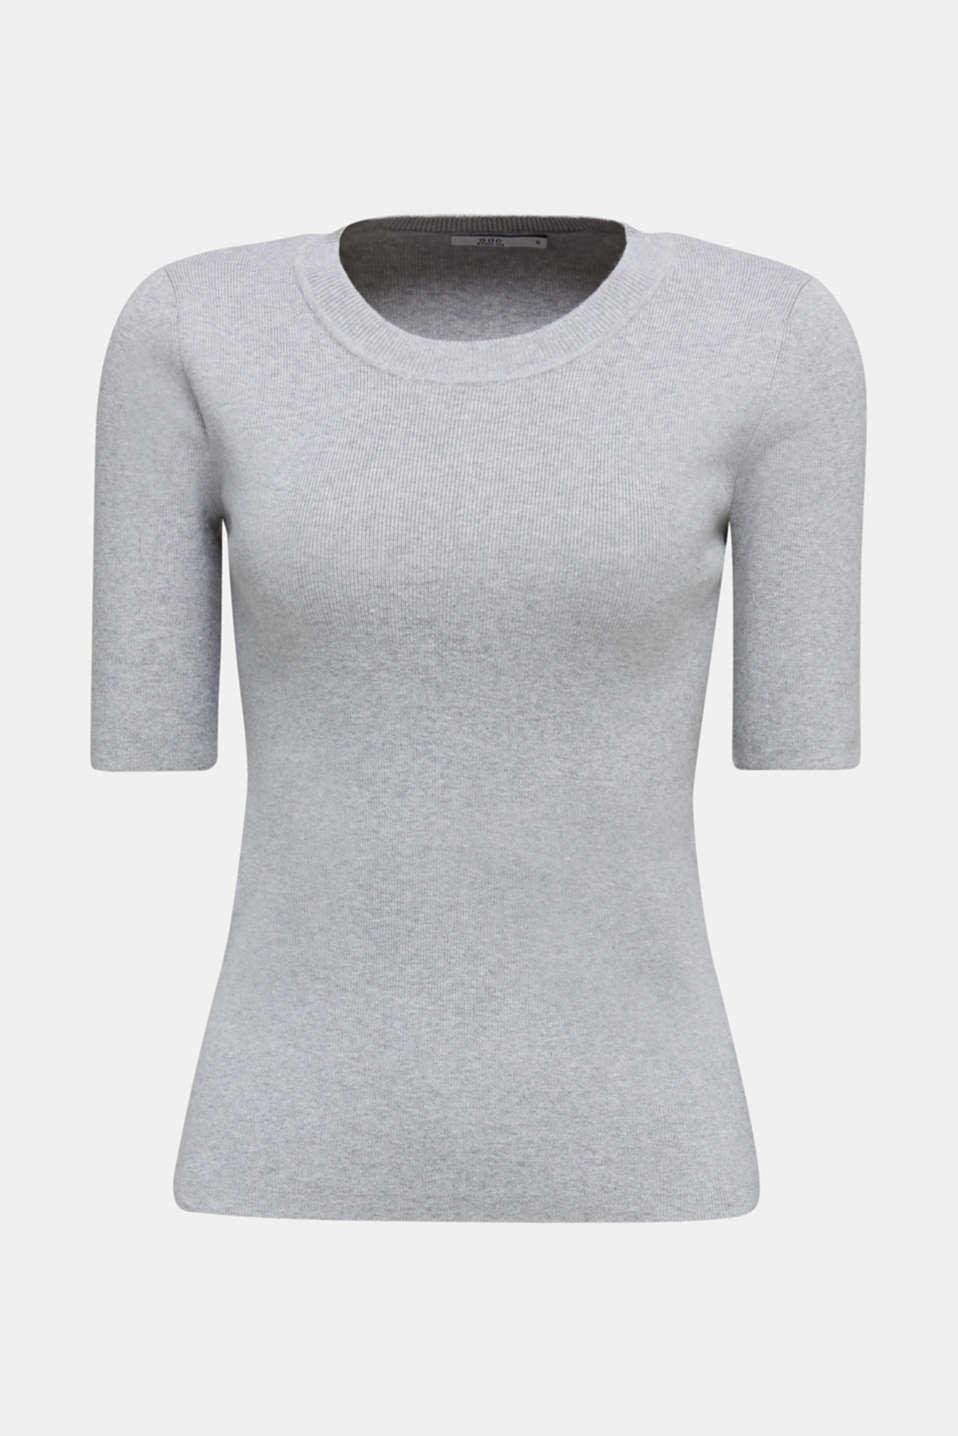 Short-sleeved jumper in blended cotton, LIGHT GREY 5, detail image number 5